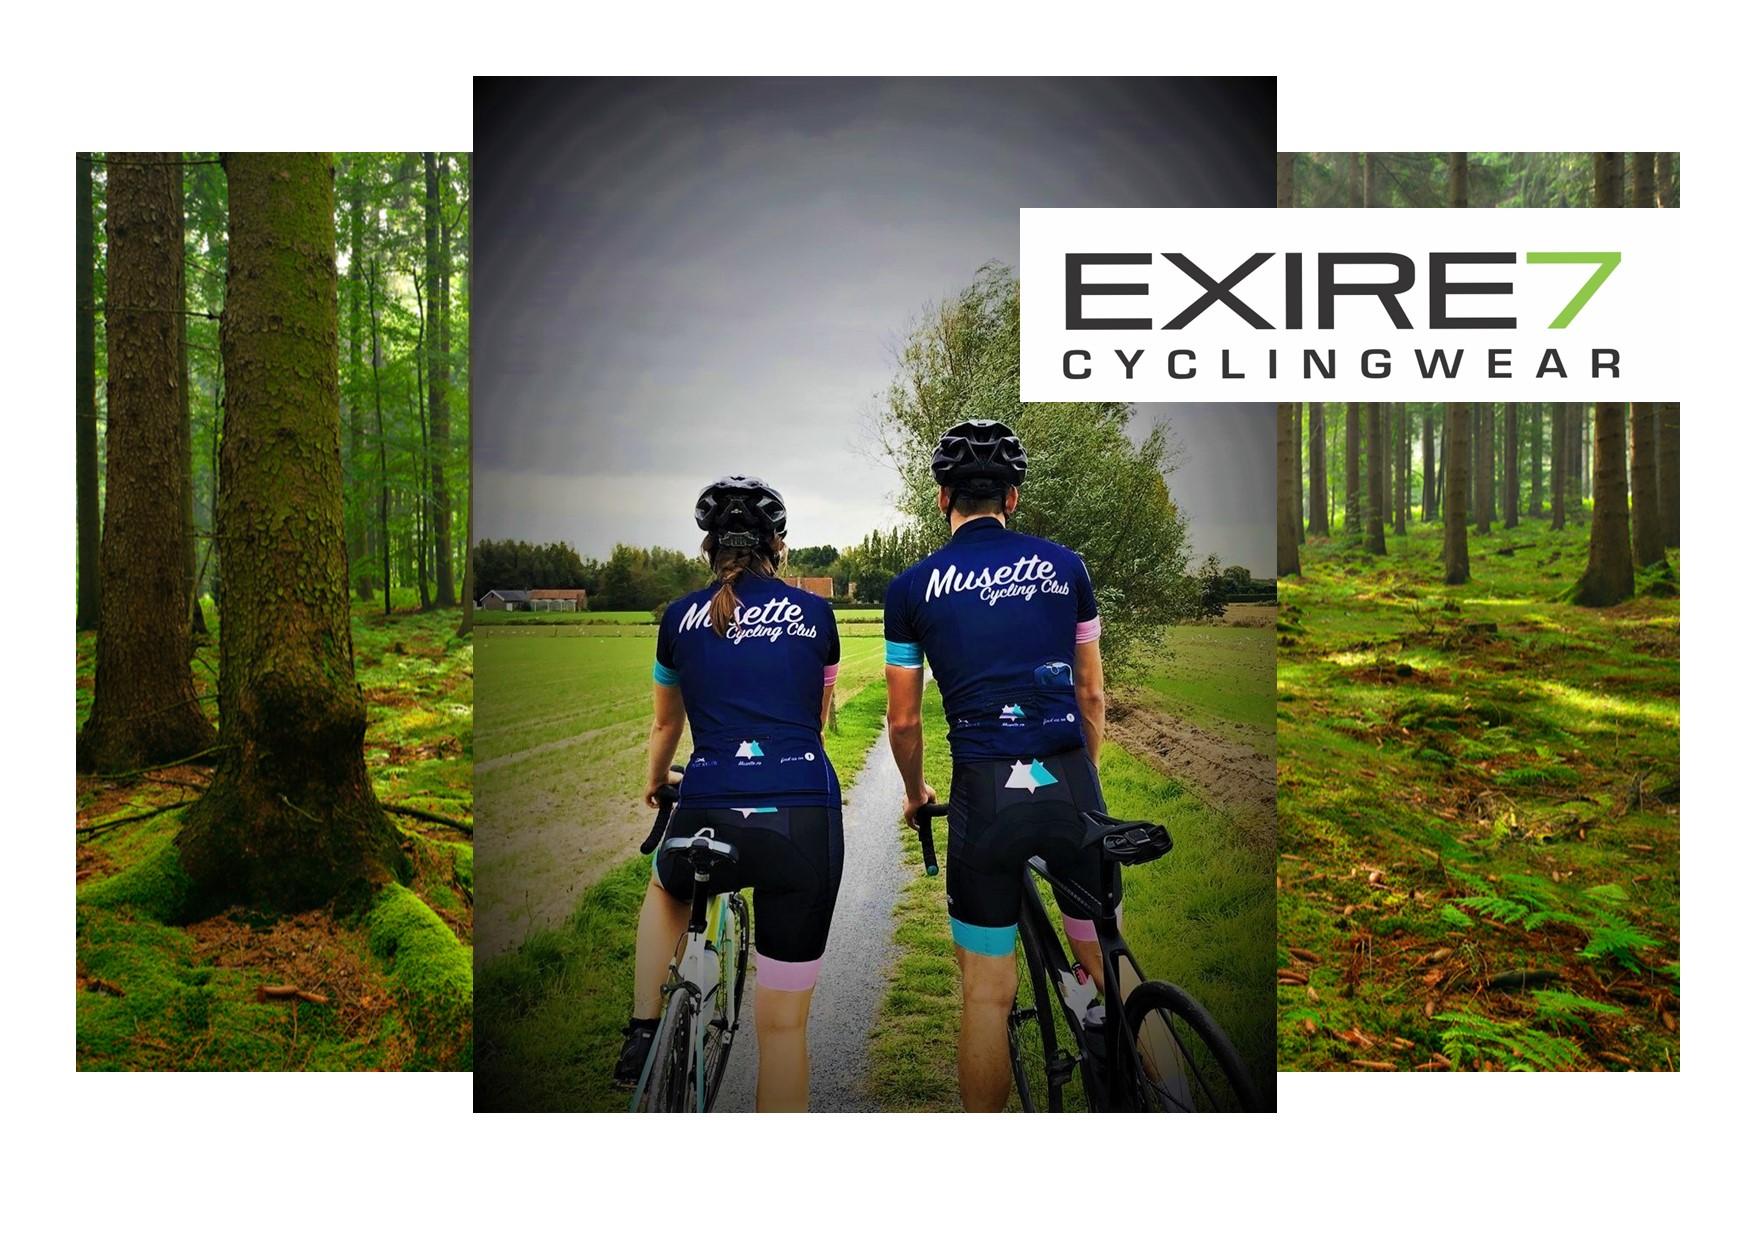 EXIRE7 - cyclingwear - Musette